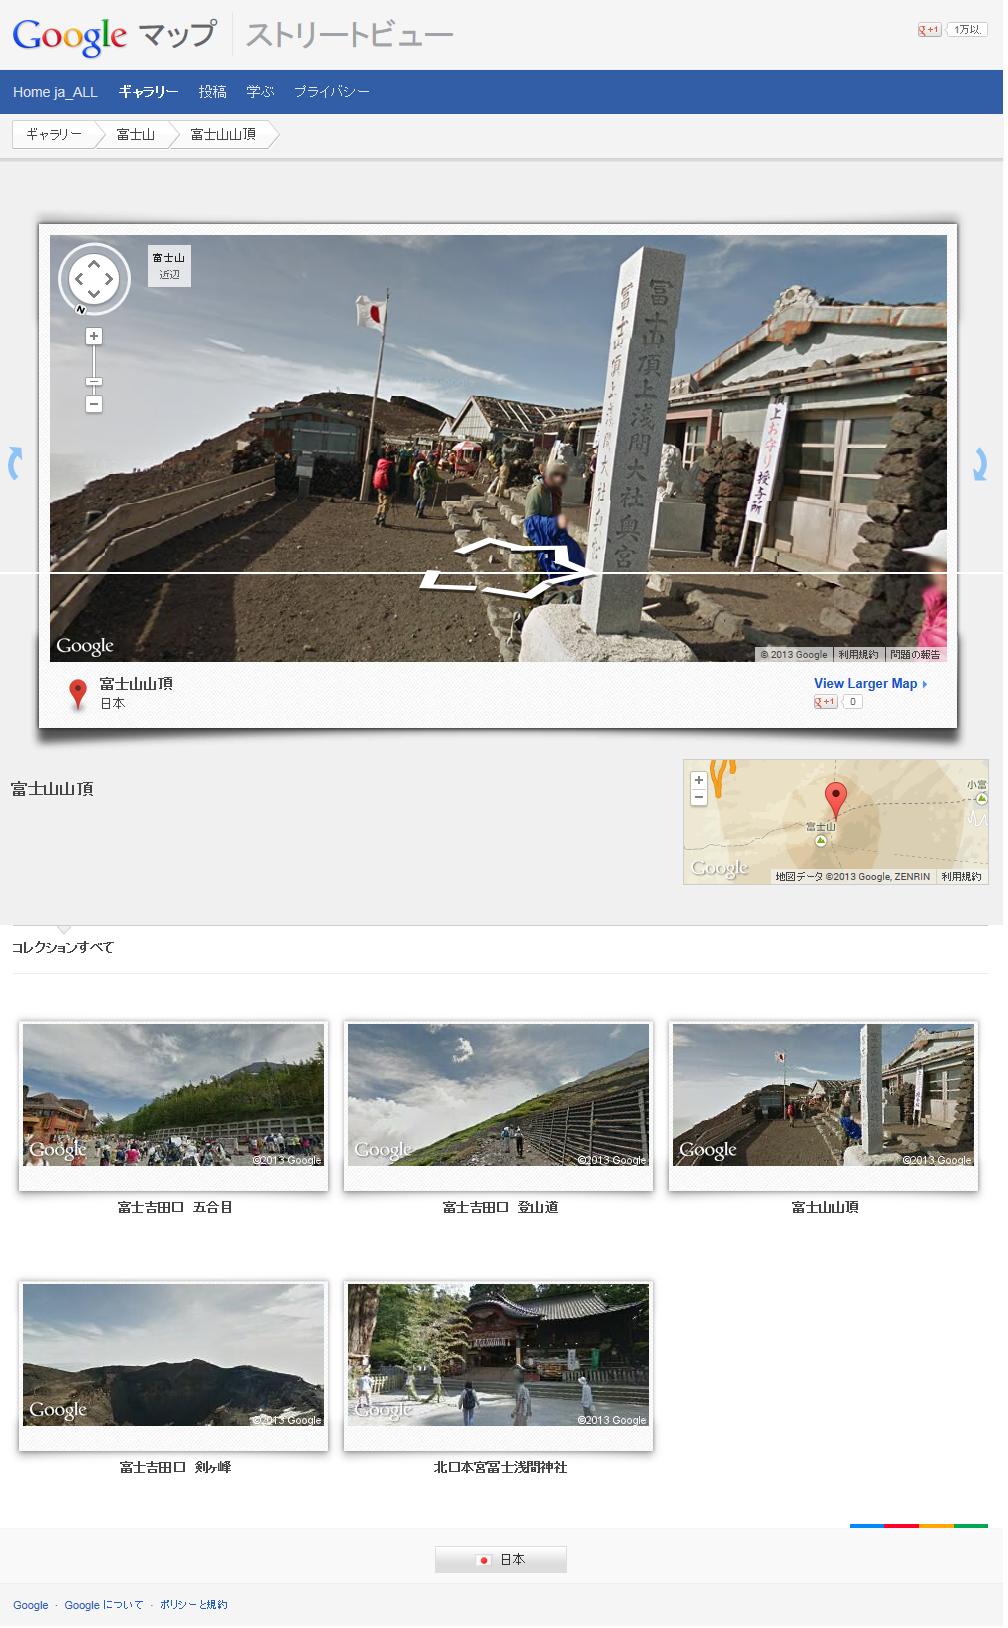 登山道のストリートビューは、Google マップ上からアクセスできるほか、「ストリートビューギャラリー」ページにもまとめらている